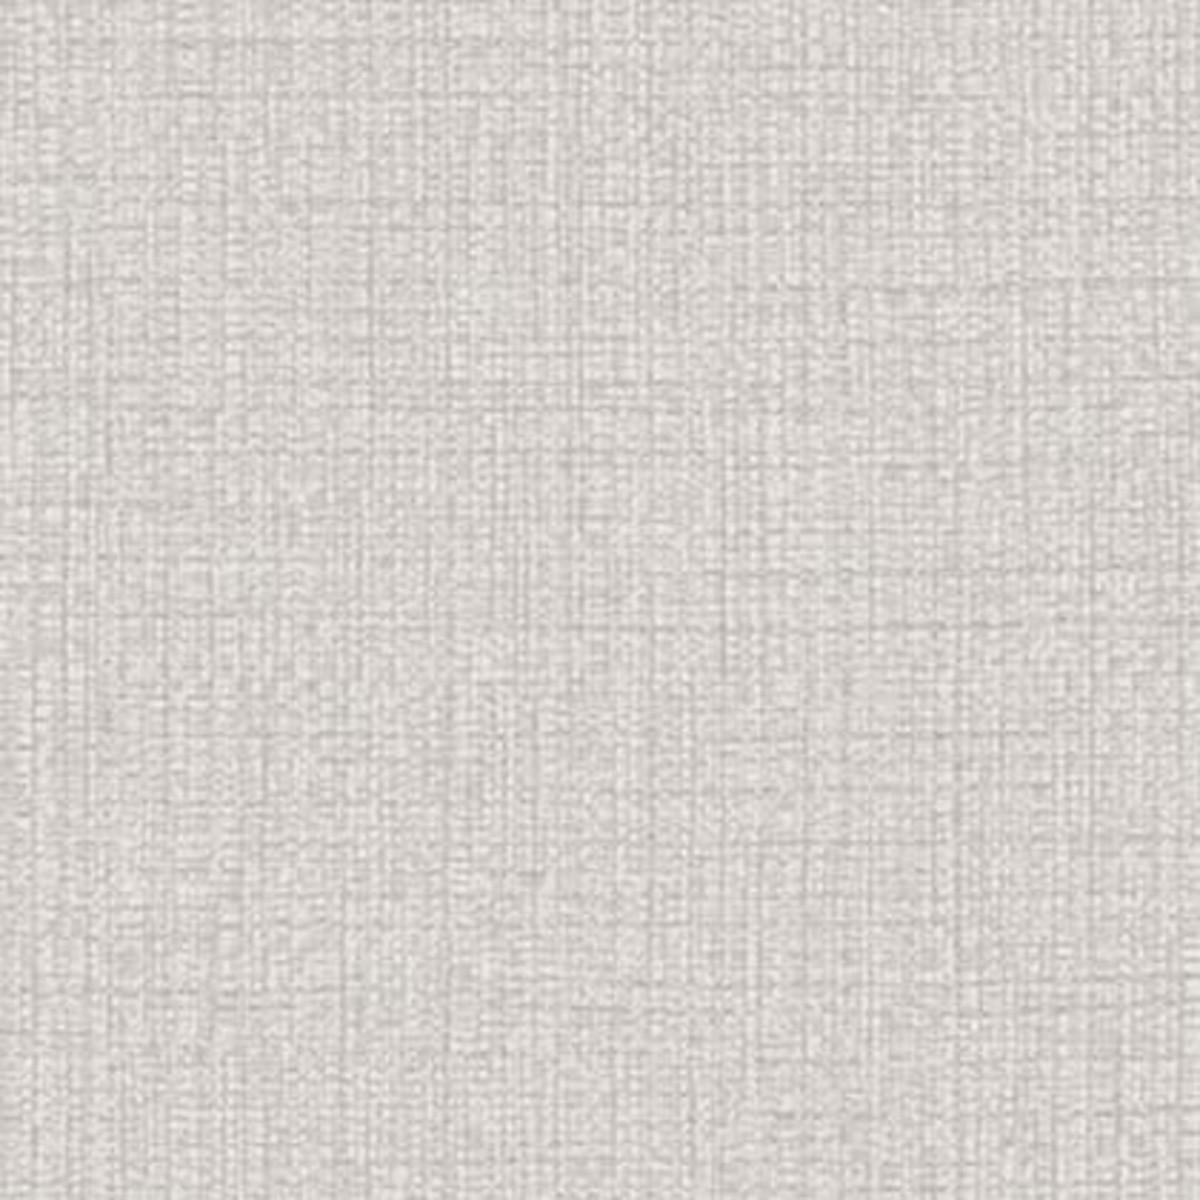 Обои виниловые Gaenari серые 1.06 м 97398-11